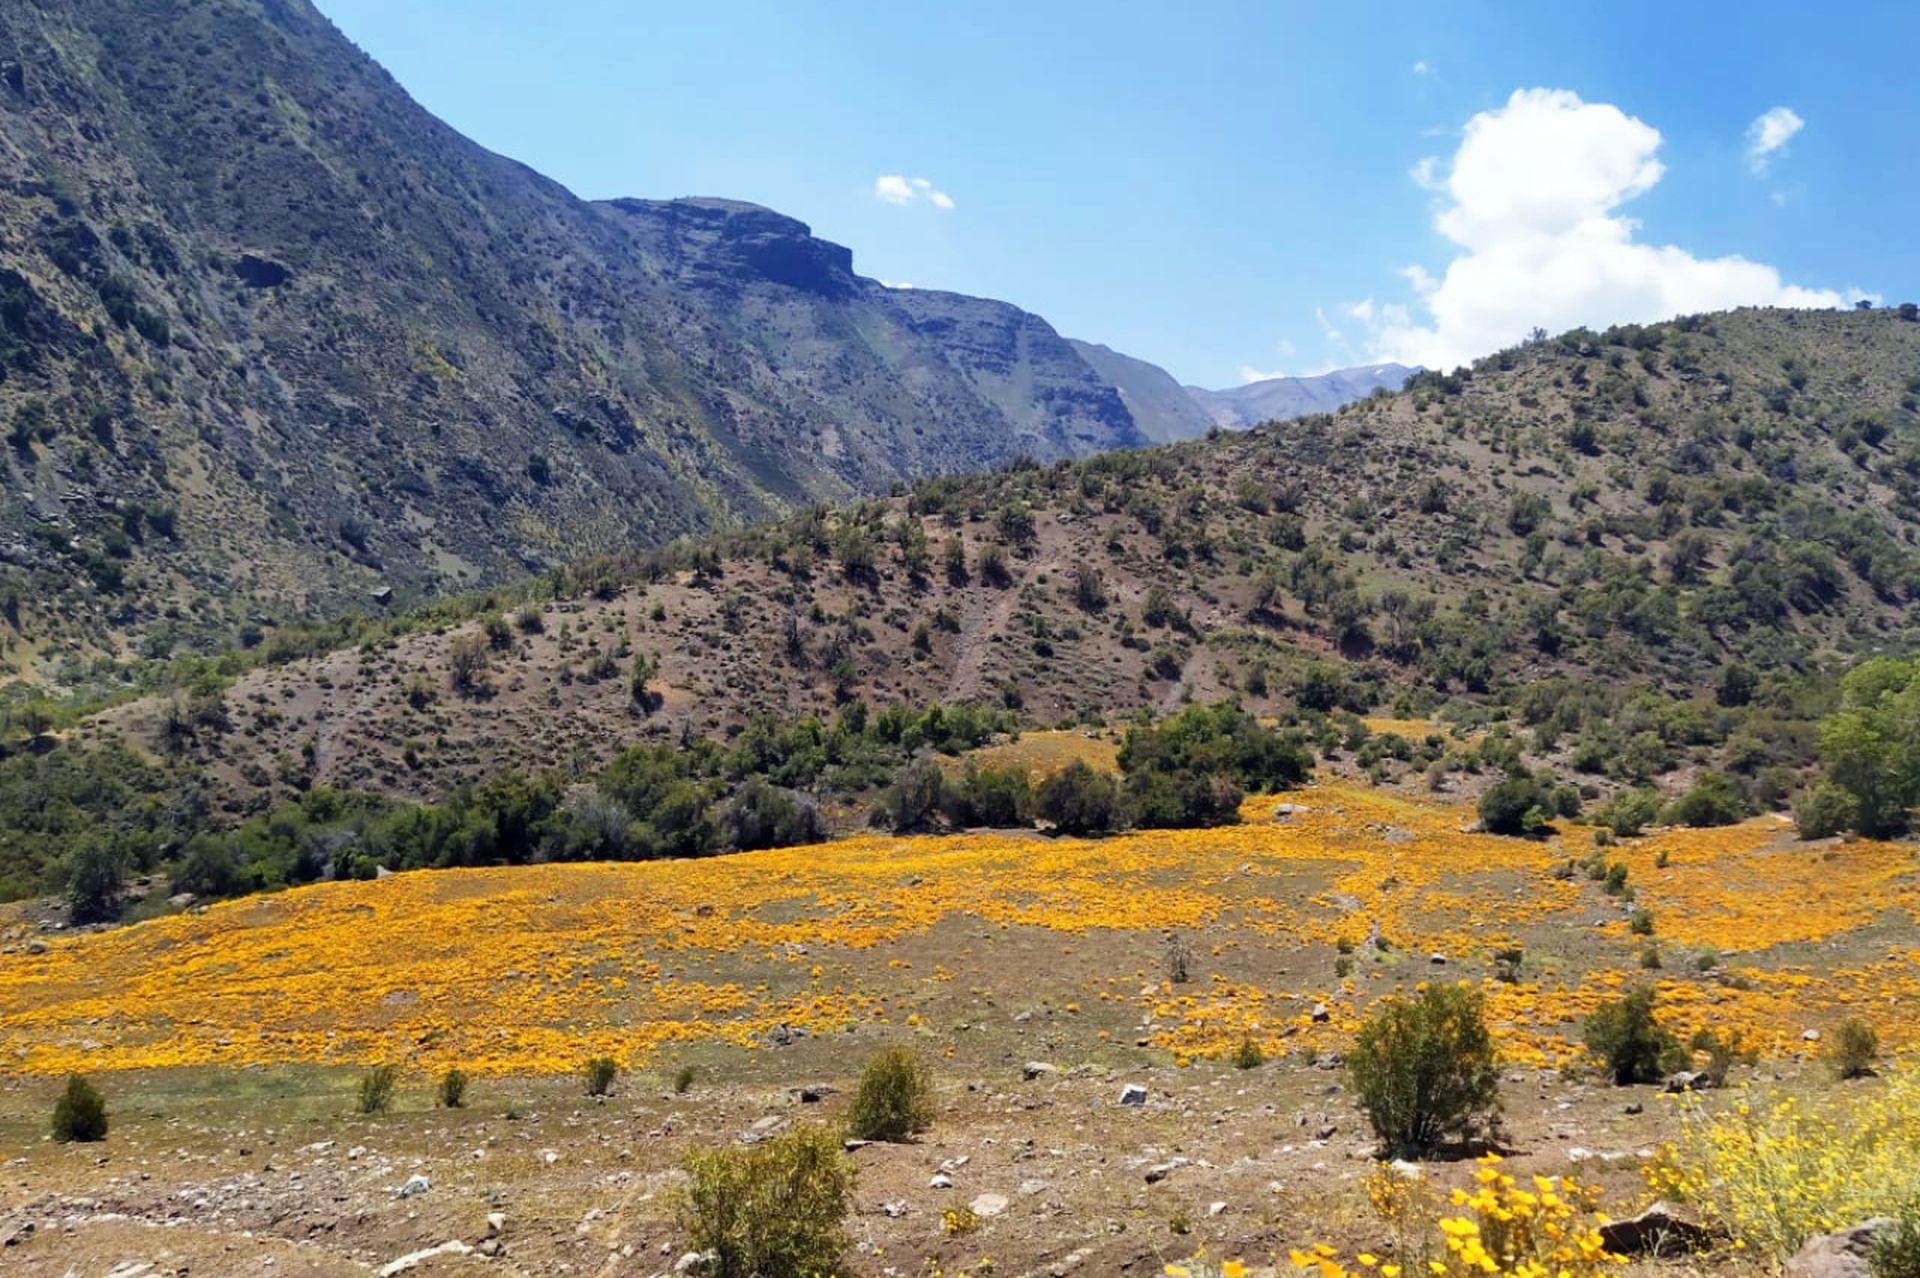 En el santuario hay bosquetes de coníferas, lugares para picnic, un camping, un arboretum y cinco senderos, uno de los cuales finaliza en los glaciares colgantes de los cerro La Paloma y Cerro El Altar.